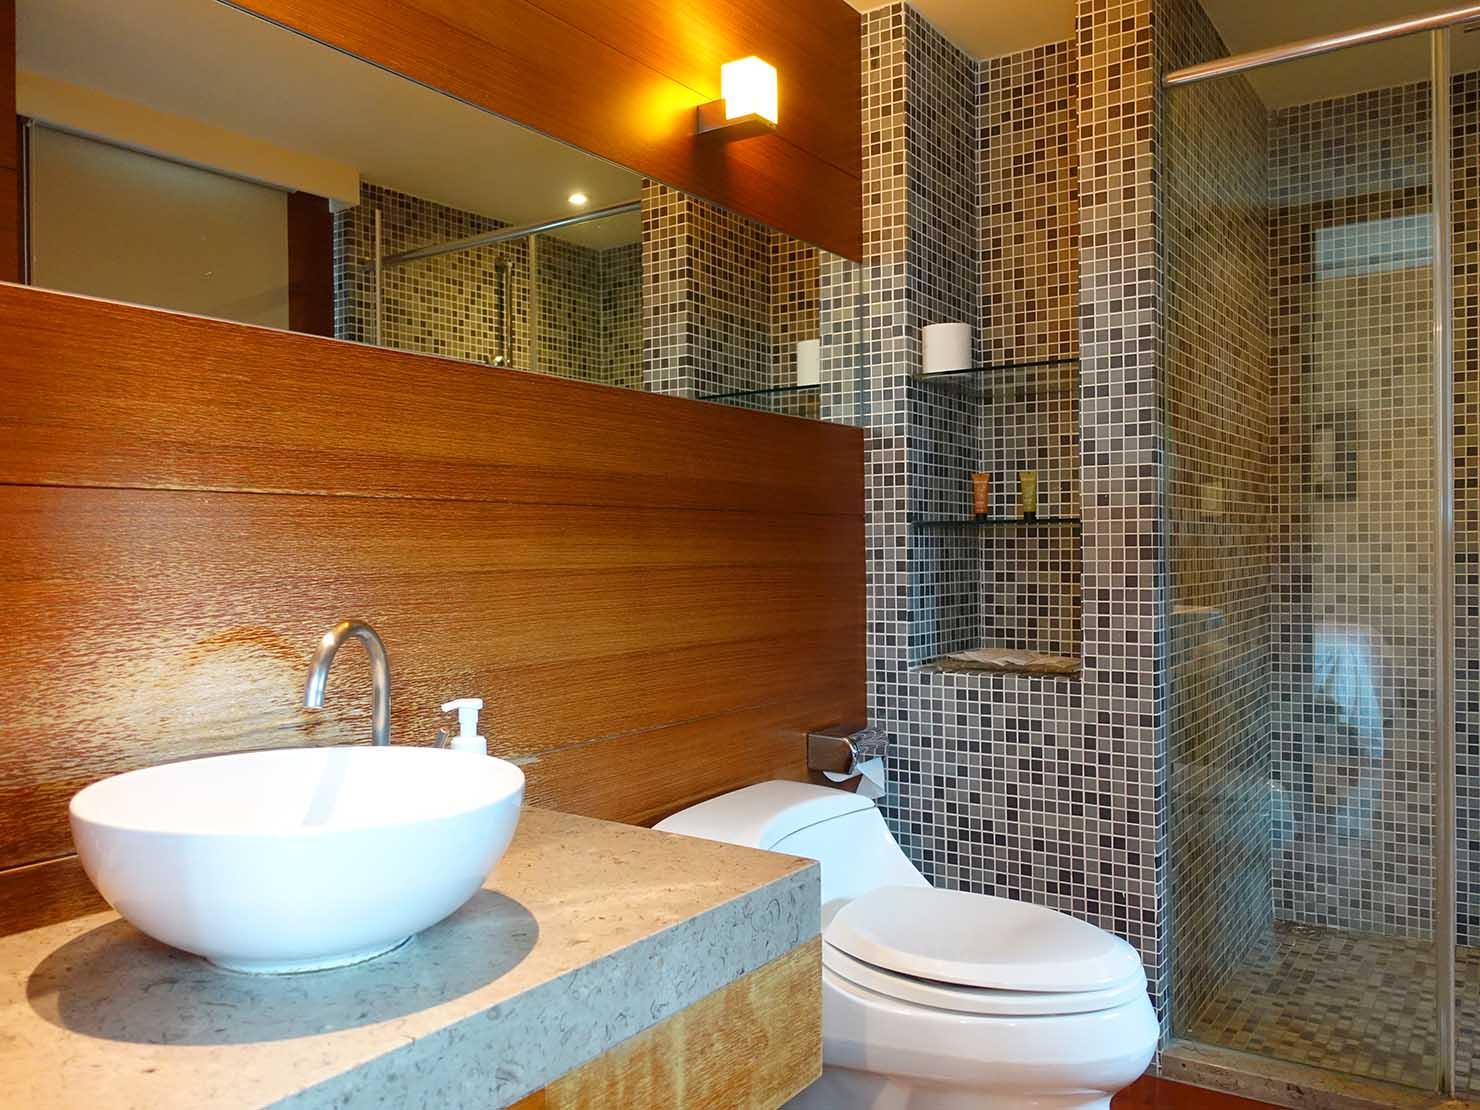 花蓮市街中心部にあるホテル「馥麗生活旅店 Quality Inn」スーペリアダブルのバスルーム